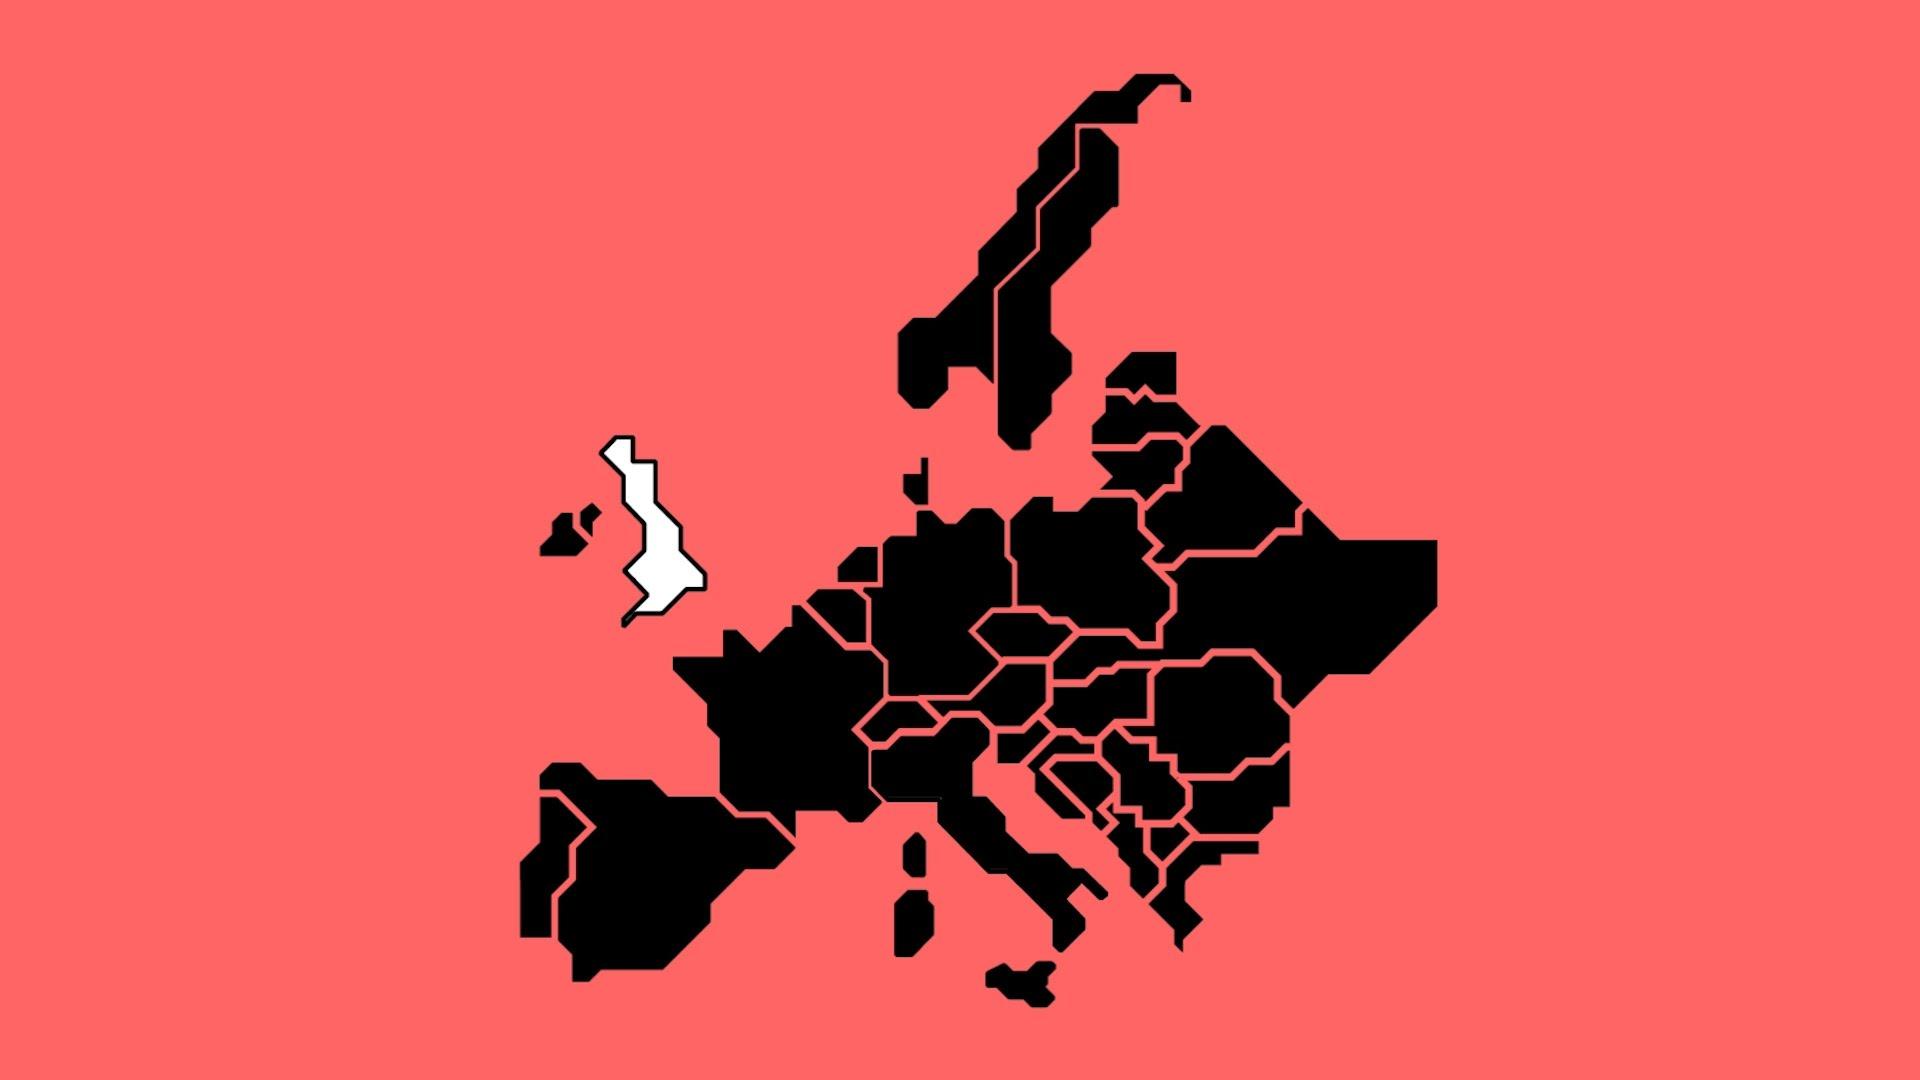 【最新ニュース】世界経済大混乱の恐れ、イギリスEU離脱問題